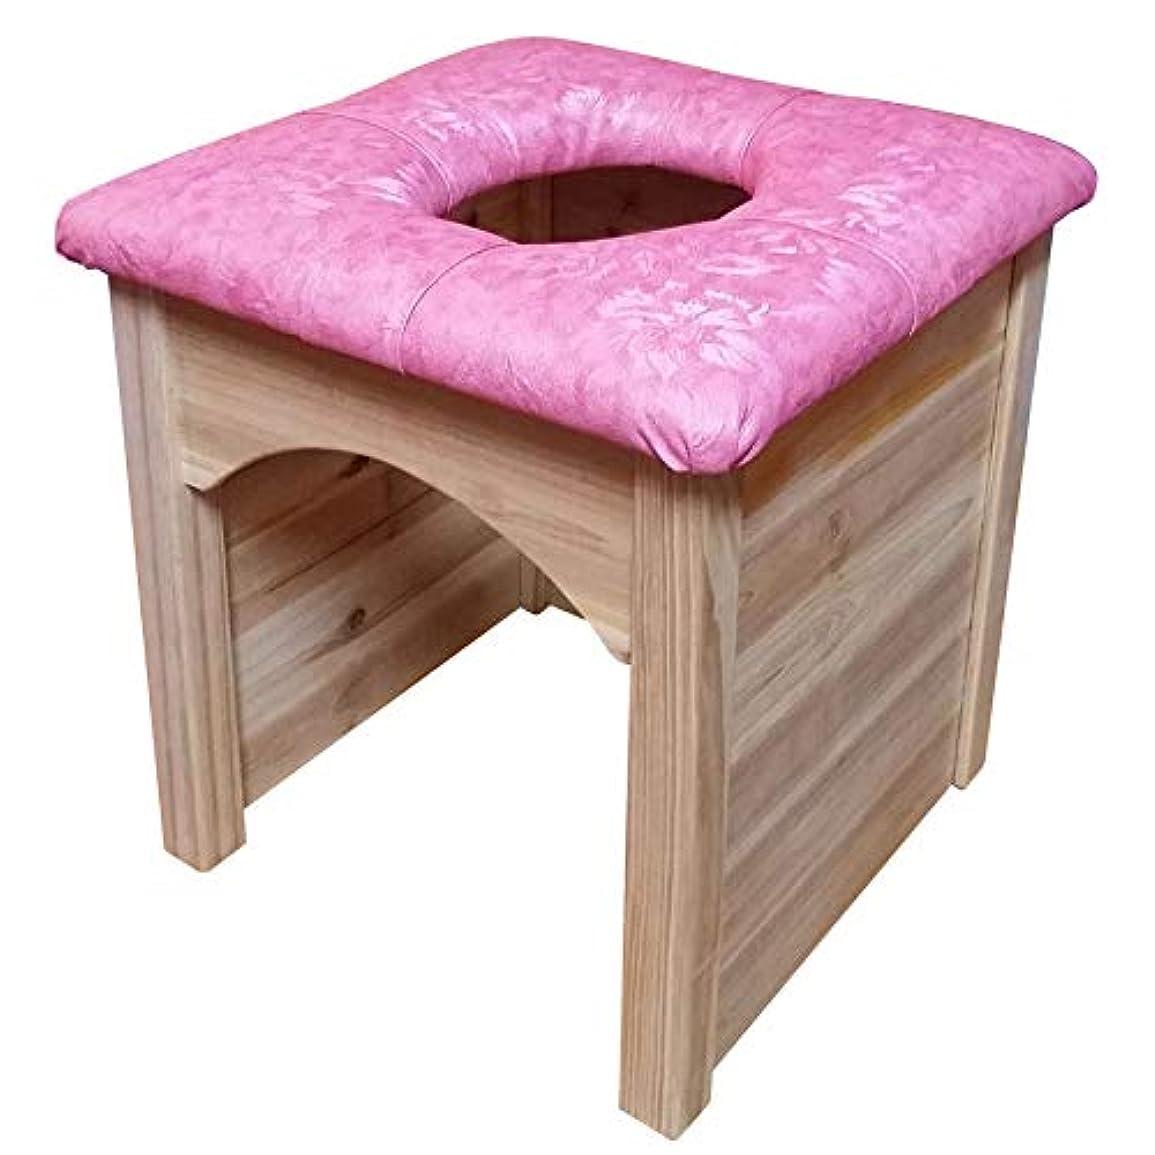 プレゼントアデレードキルス正品、、お勧めの、ヨモギ蒸し椅子セット、よもぎ蒸し椅子 単品